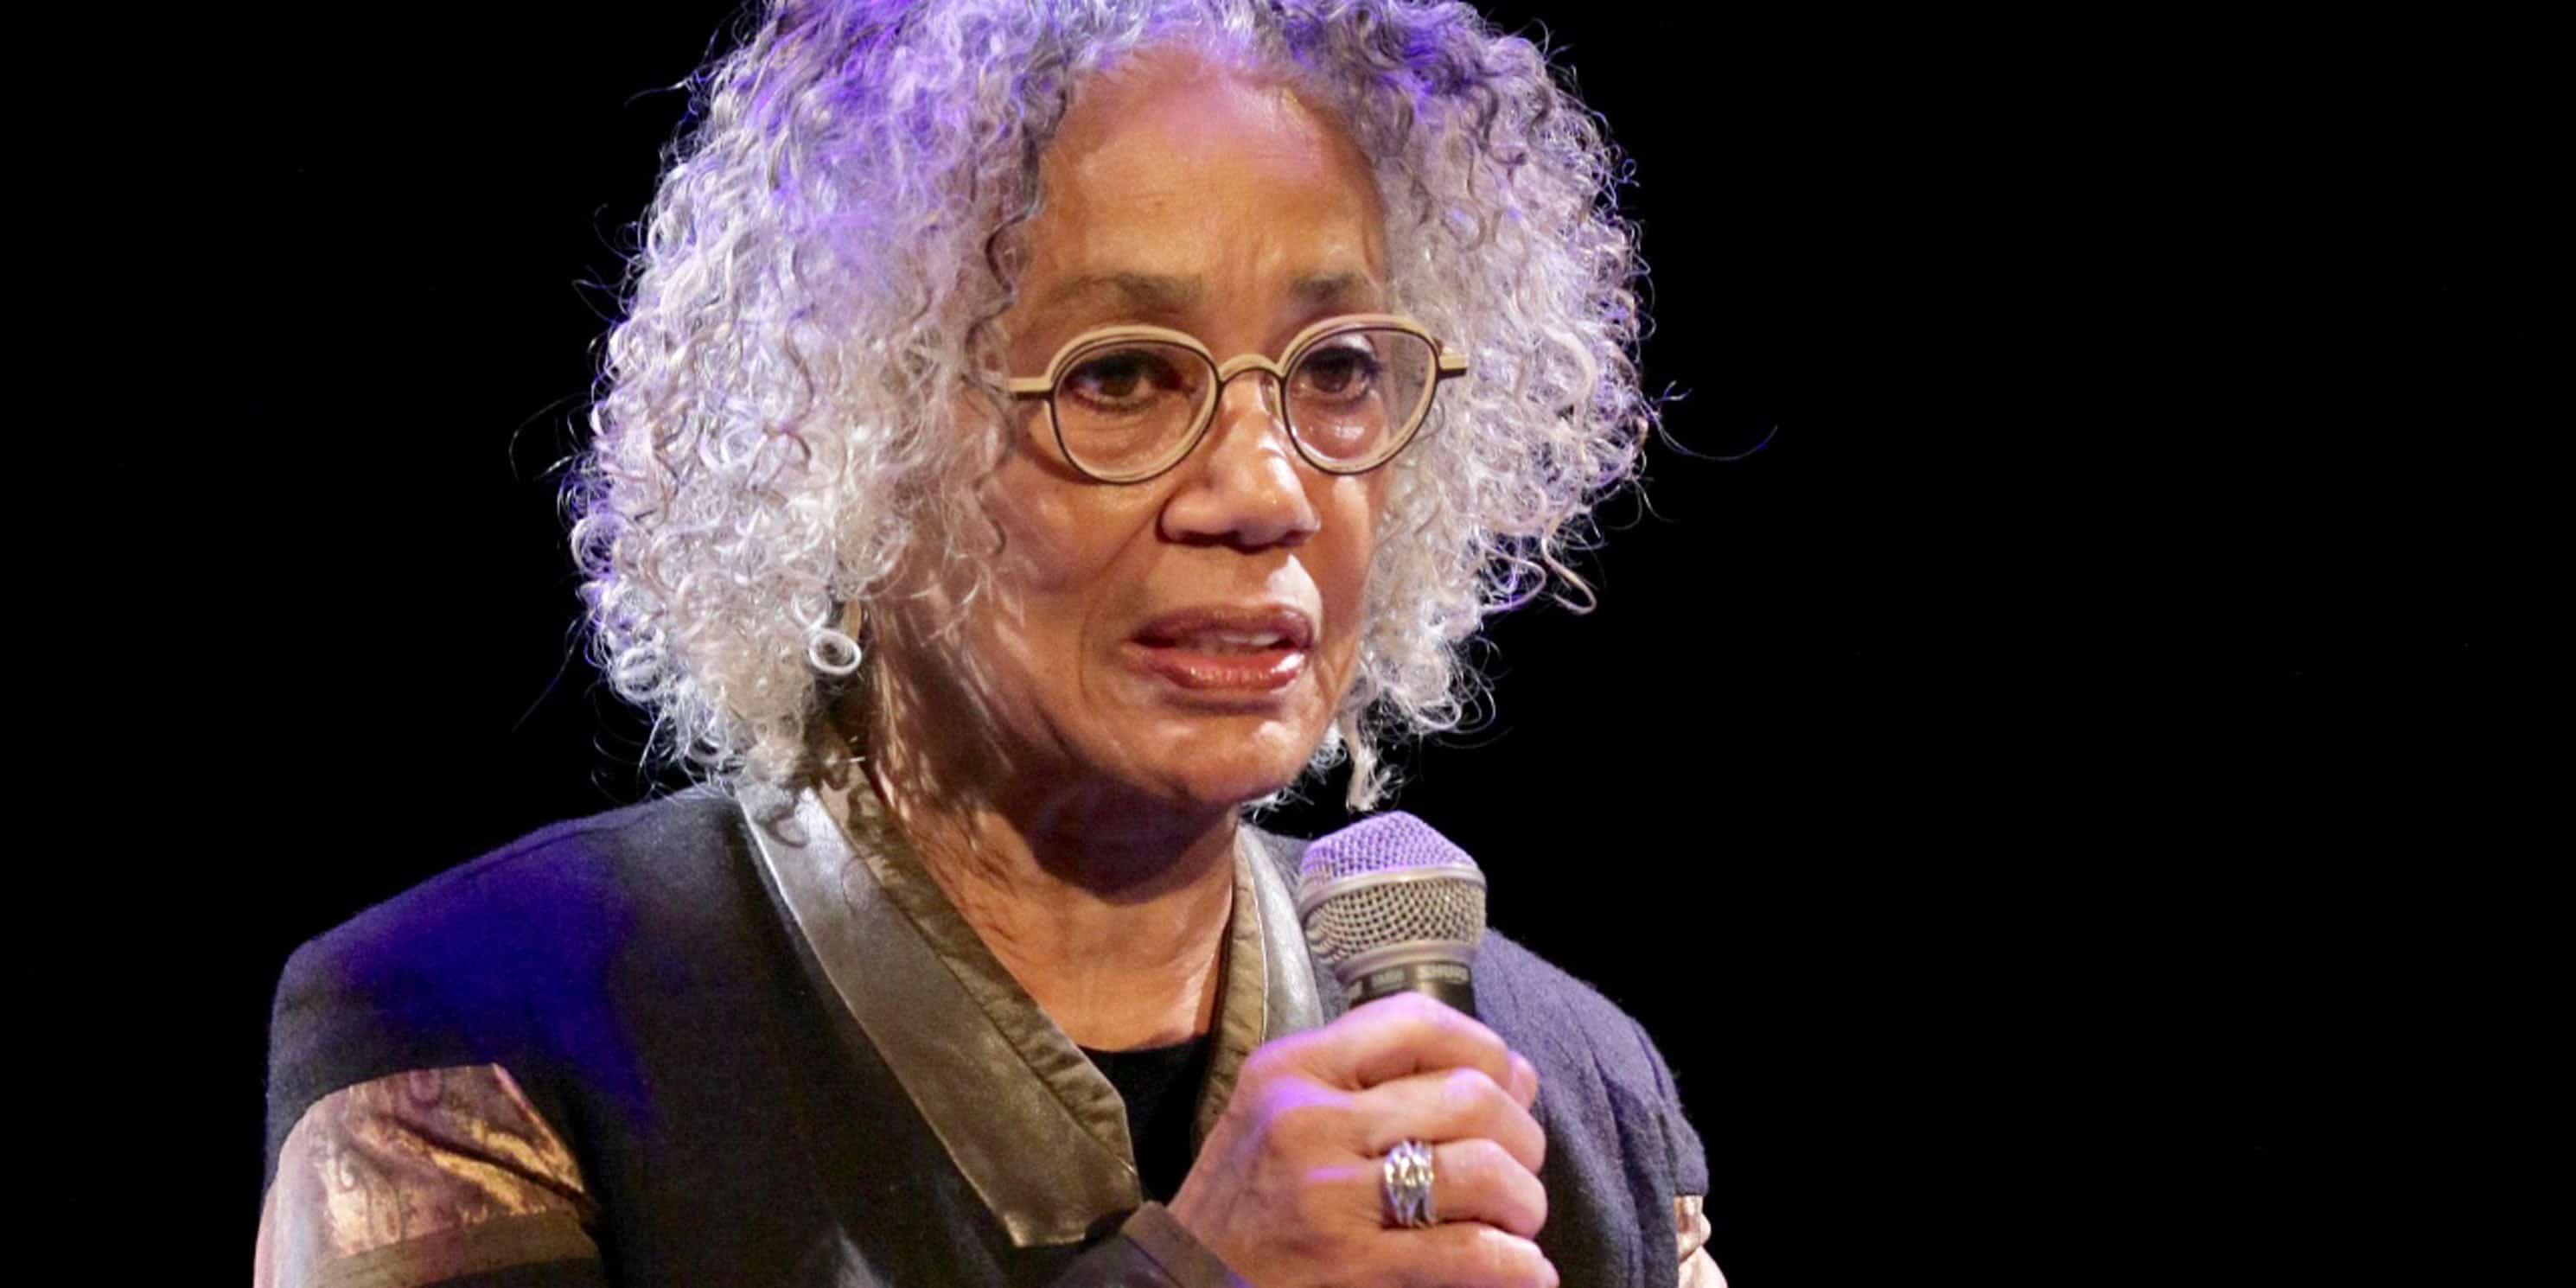 Patricia Cruz, Brendan Gill Prize Jury Member speaks